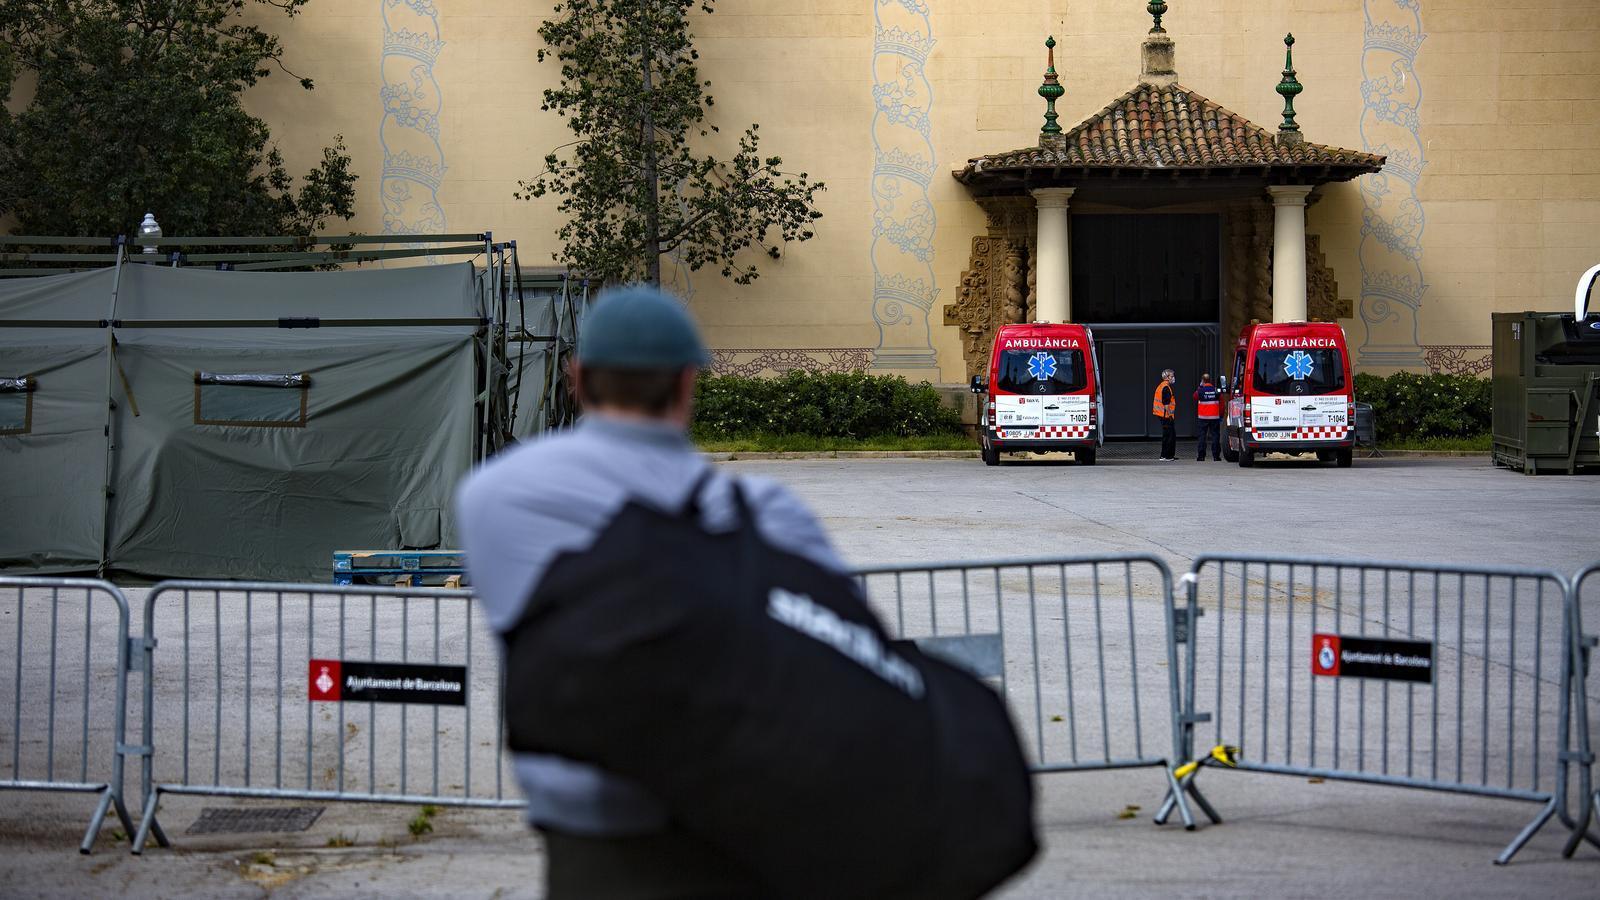 L'espai per als sensellar a la Fira de Barcelona, una bomba de rellotgeria